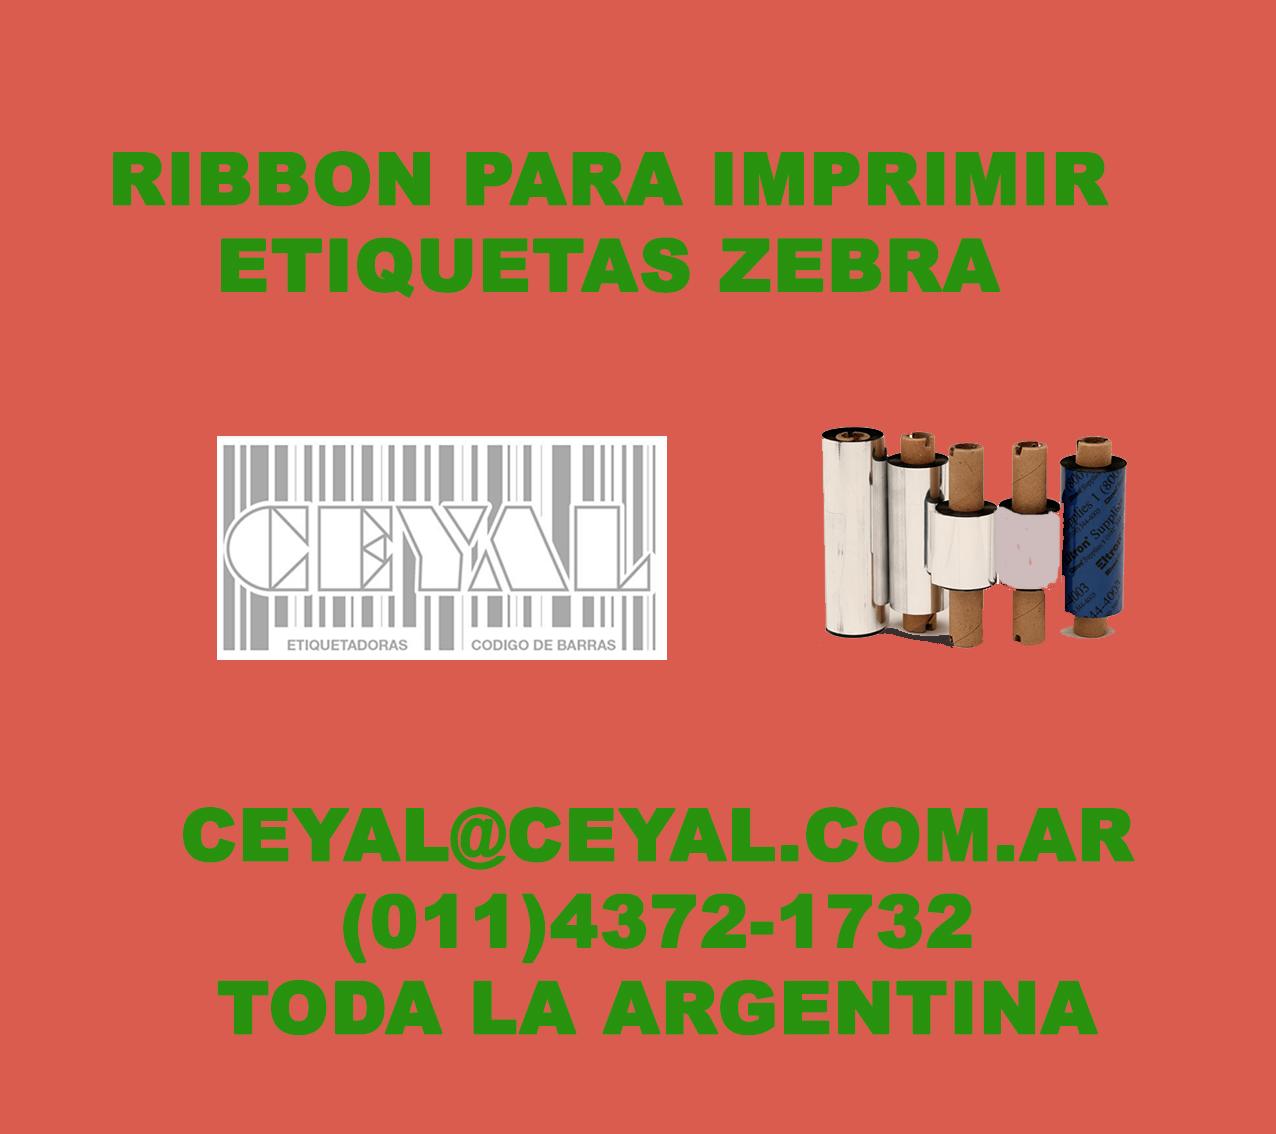 Fabrica de etiquetas adhesivas Droguería y venta de instrumental médico Argentina